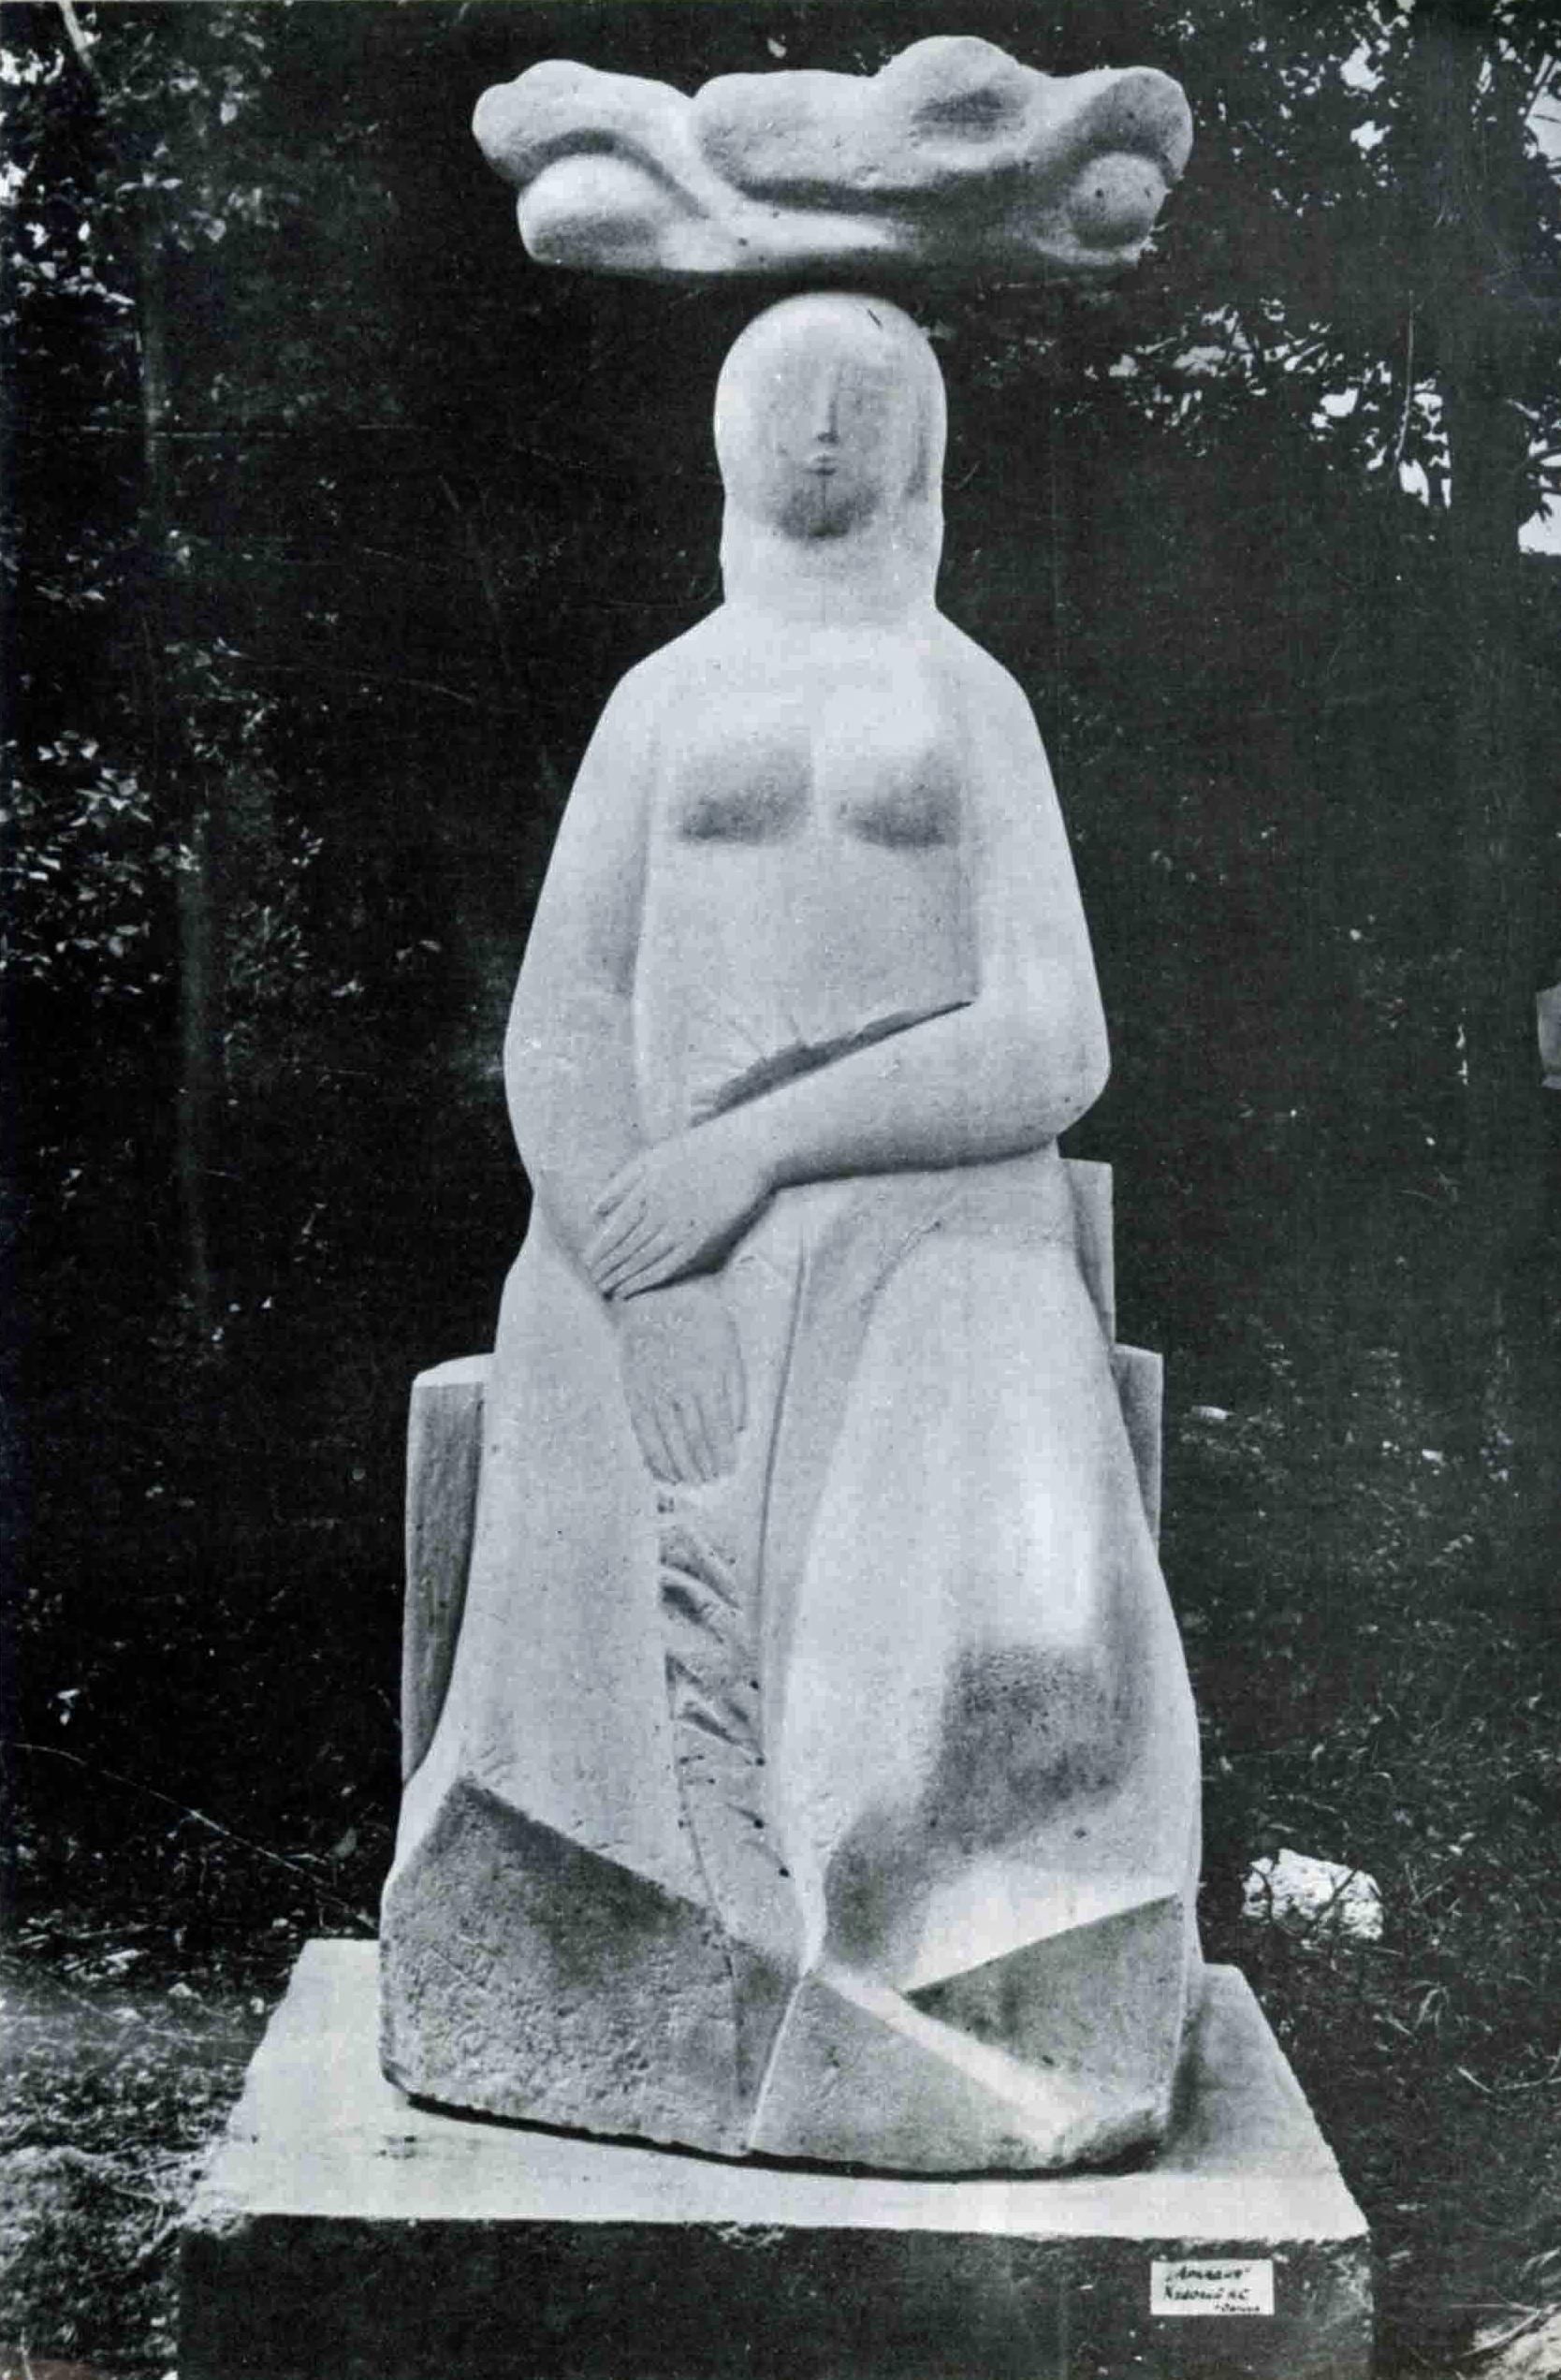 """Николай Худолий"""" """"Песчаник"""", 1988 г. Первый международный симпозиум по камню в Одессе. Работа получила гран-при."""